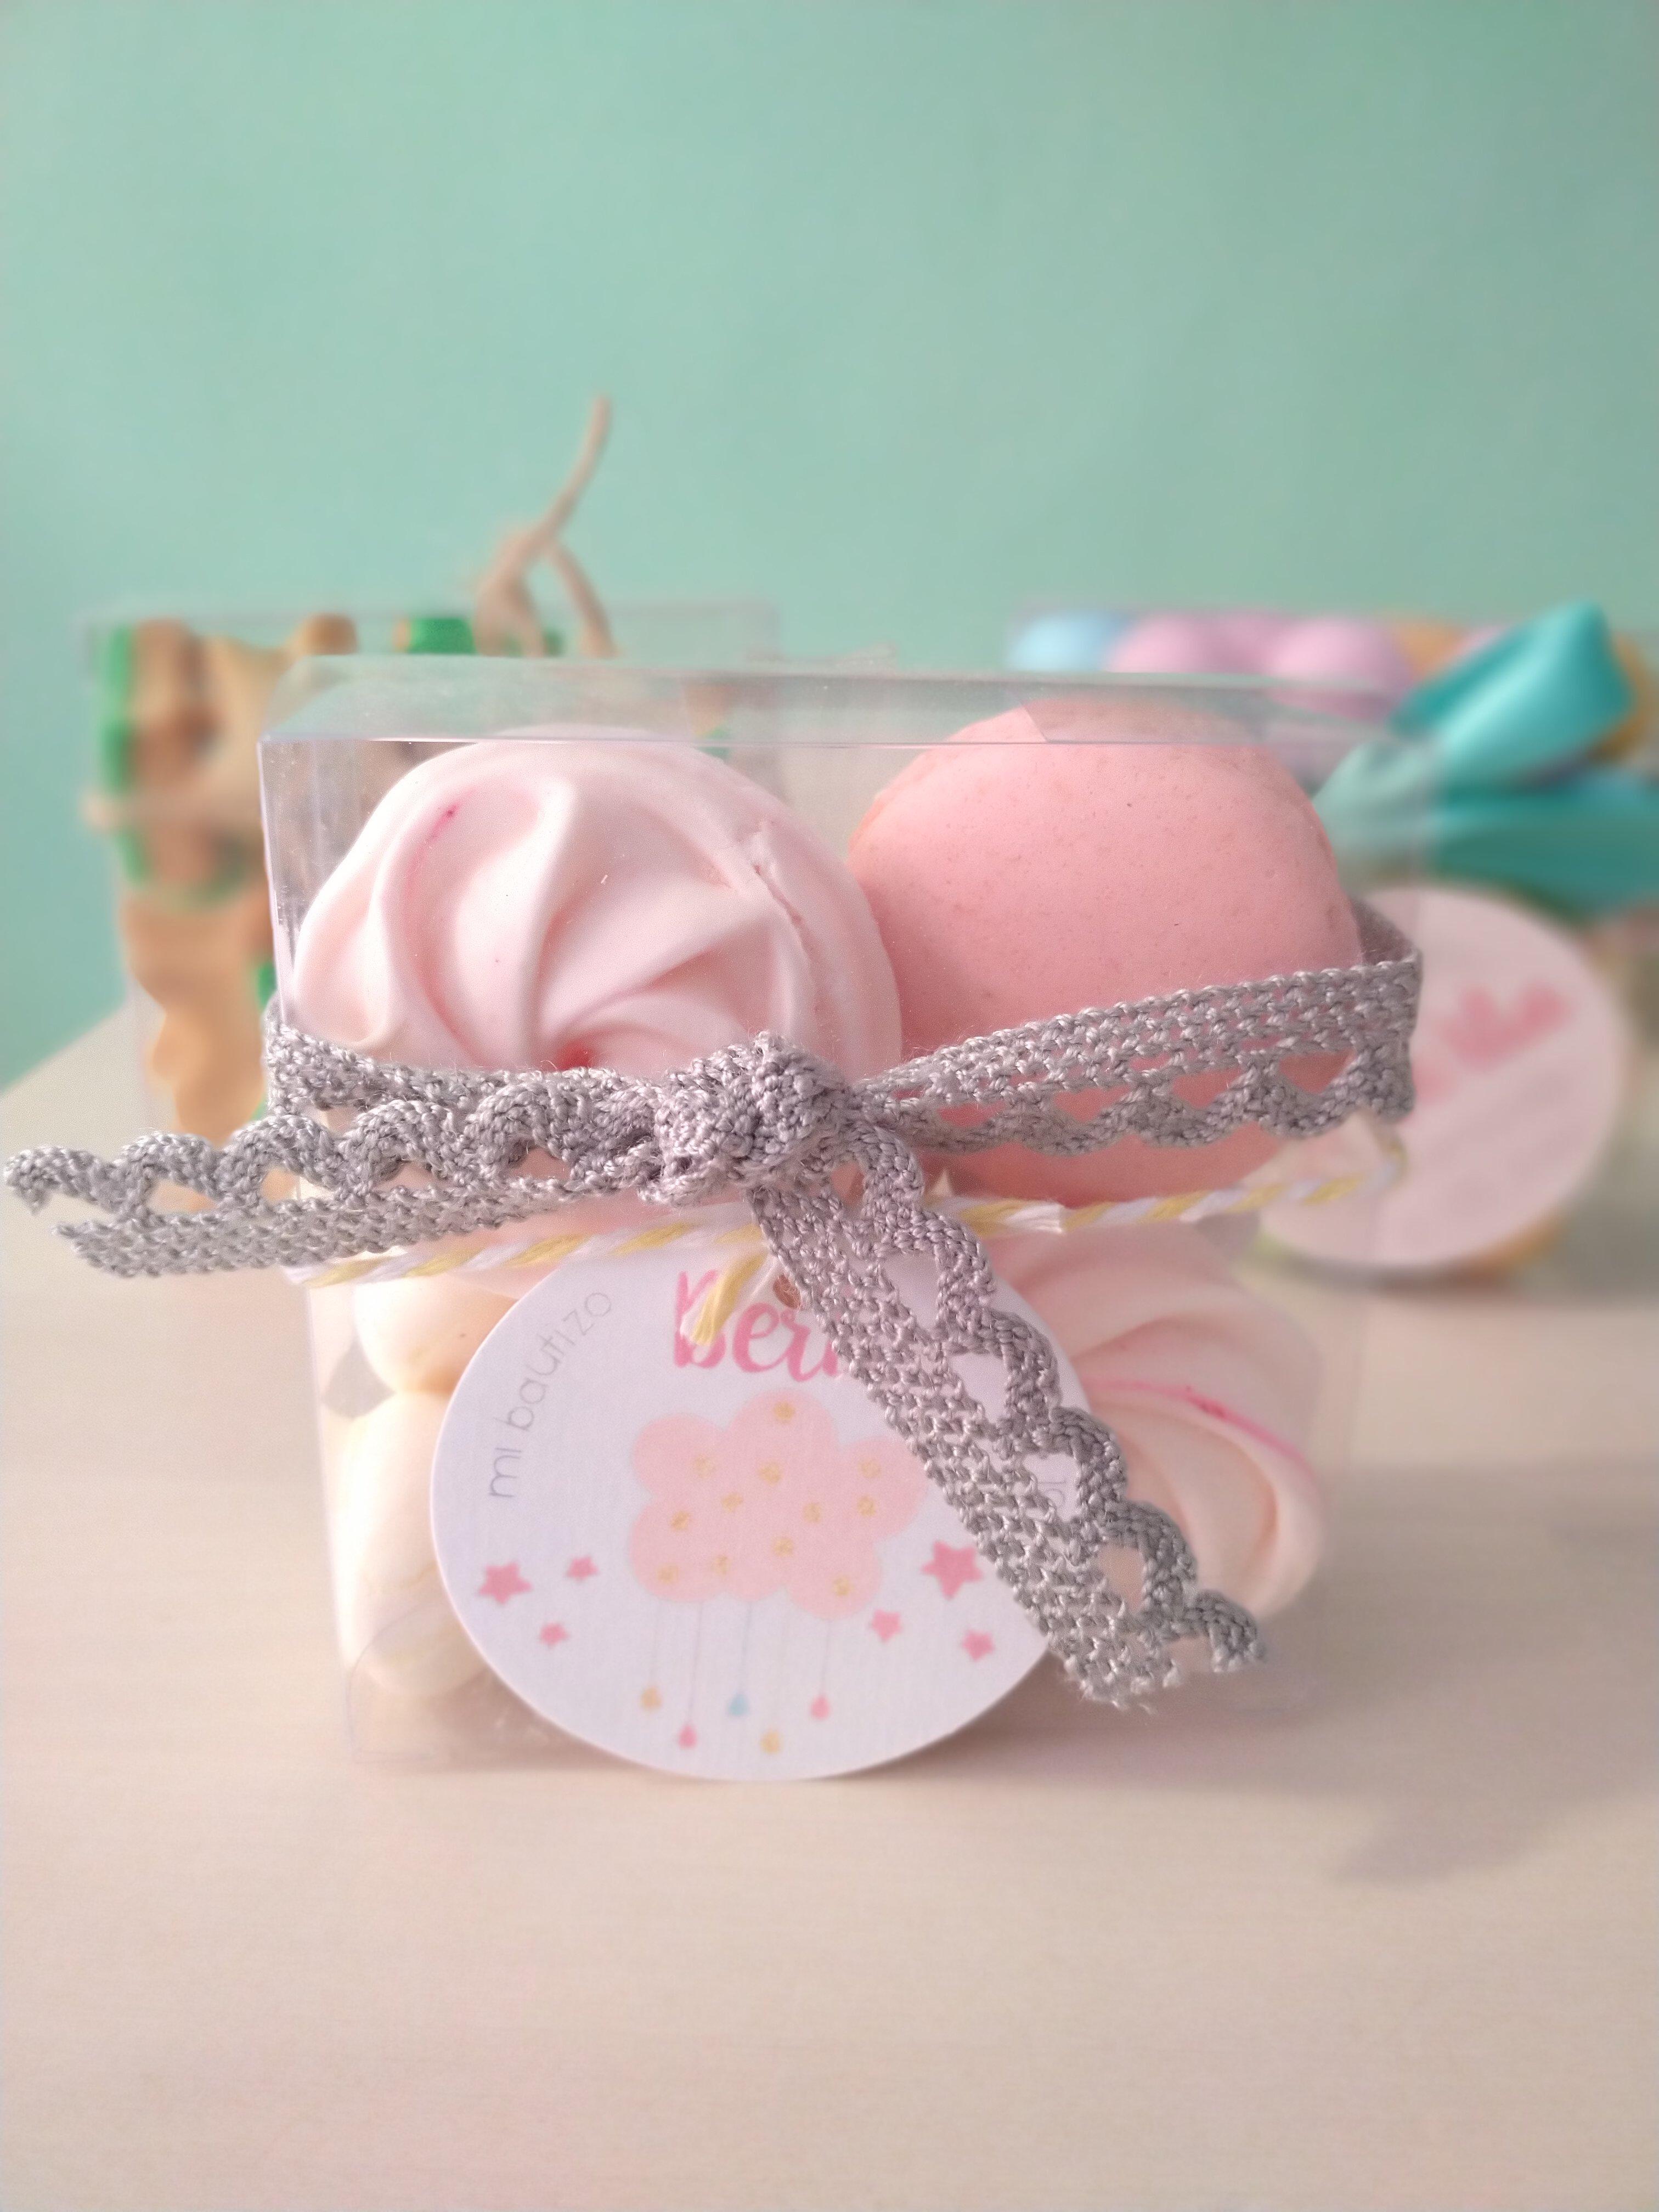 Cajita para comunion con merengues y macarons